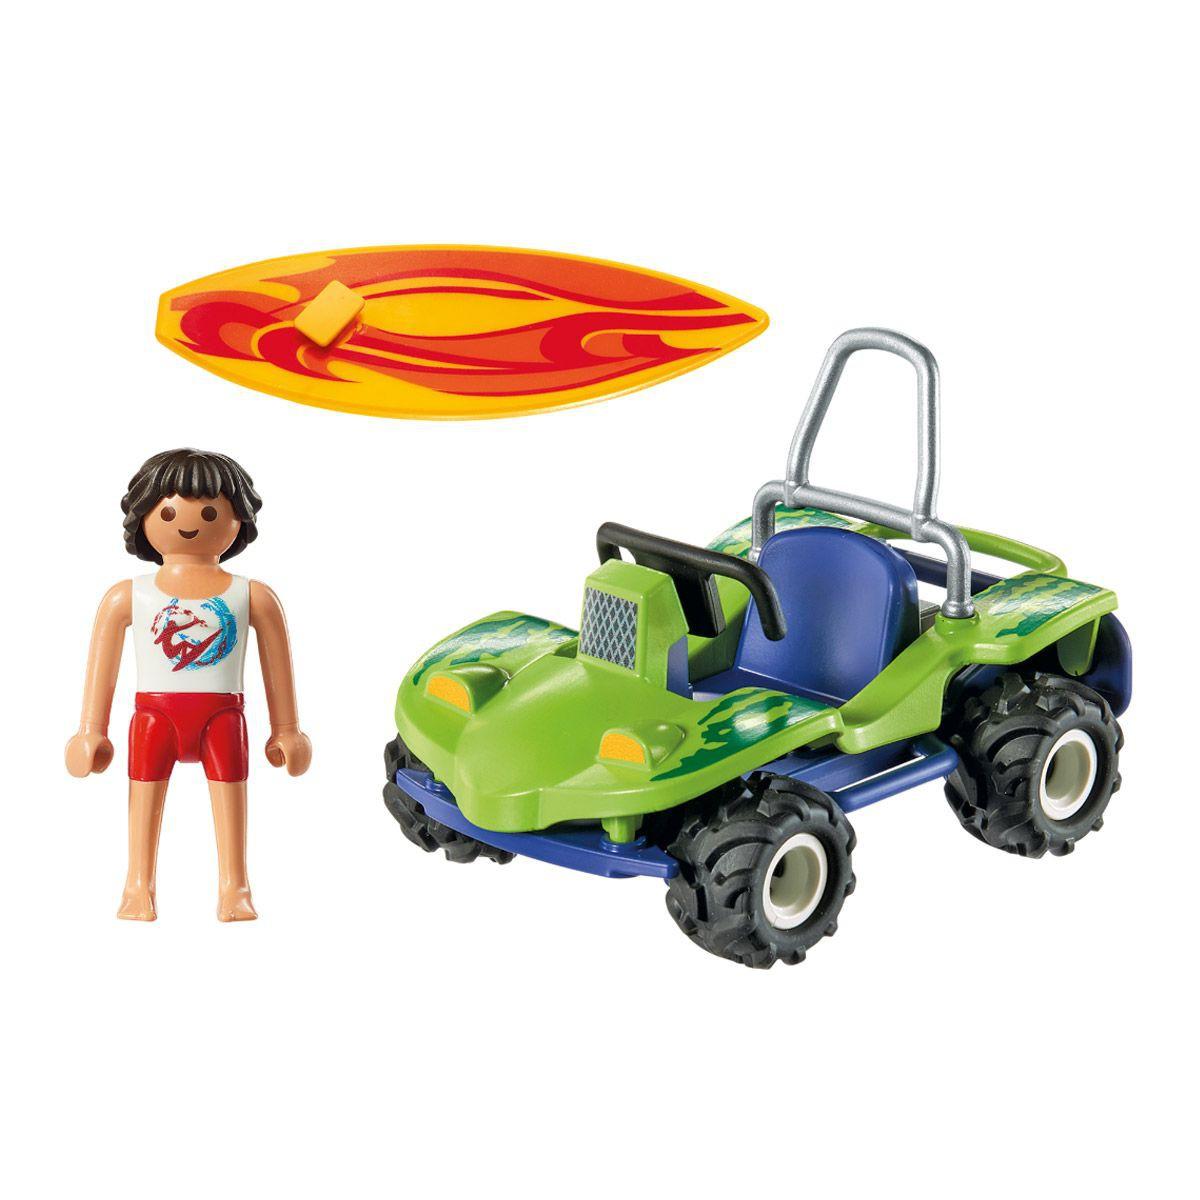 Игровой набор - Круизный Лайнер: Серфер с пляжным квадроцикломПирс <br>Игровой набор - Круизный Лайнер: Серфер с пляжным квадроциклом<br>